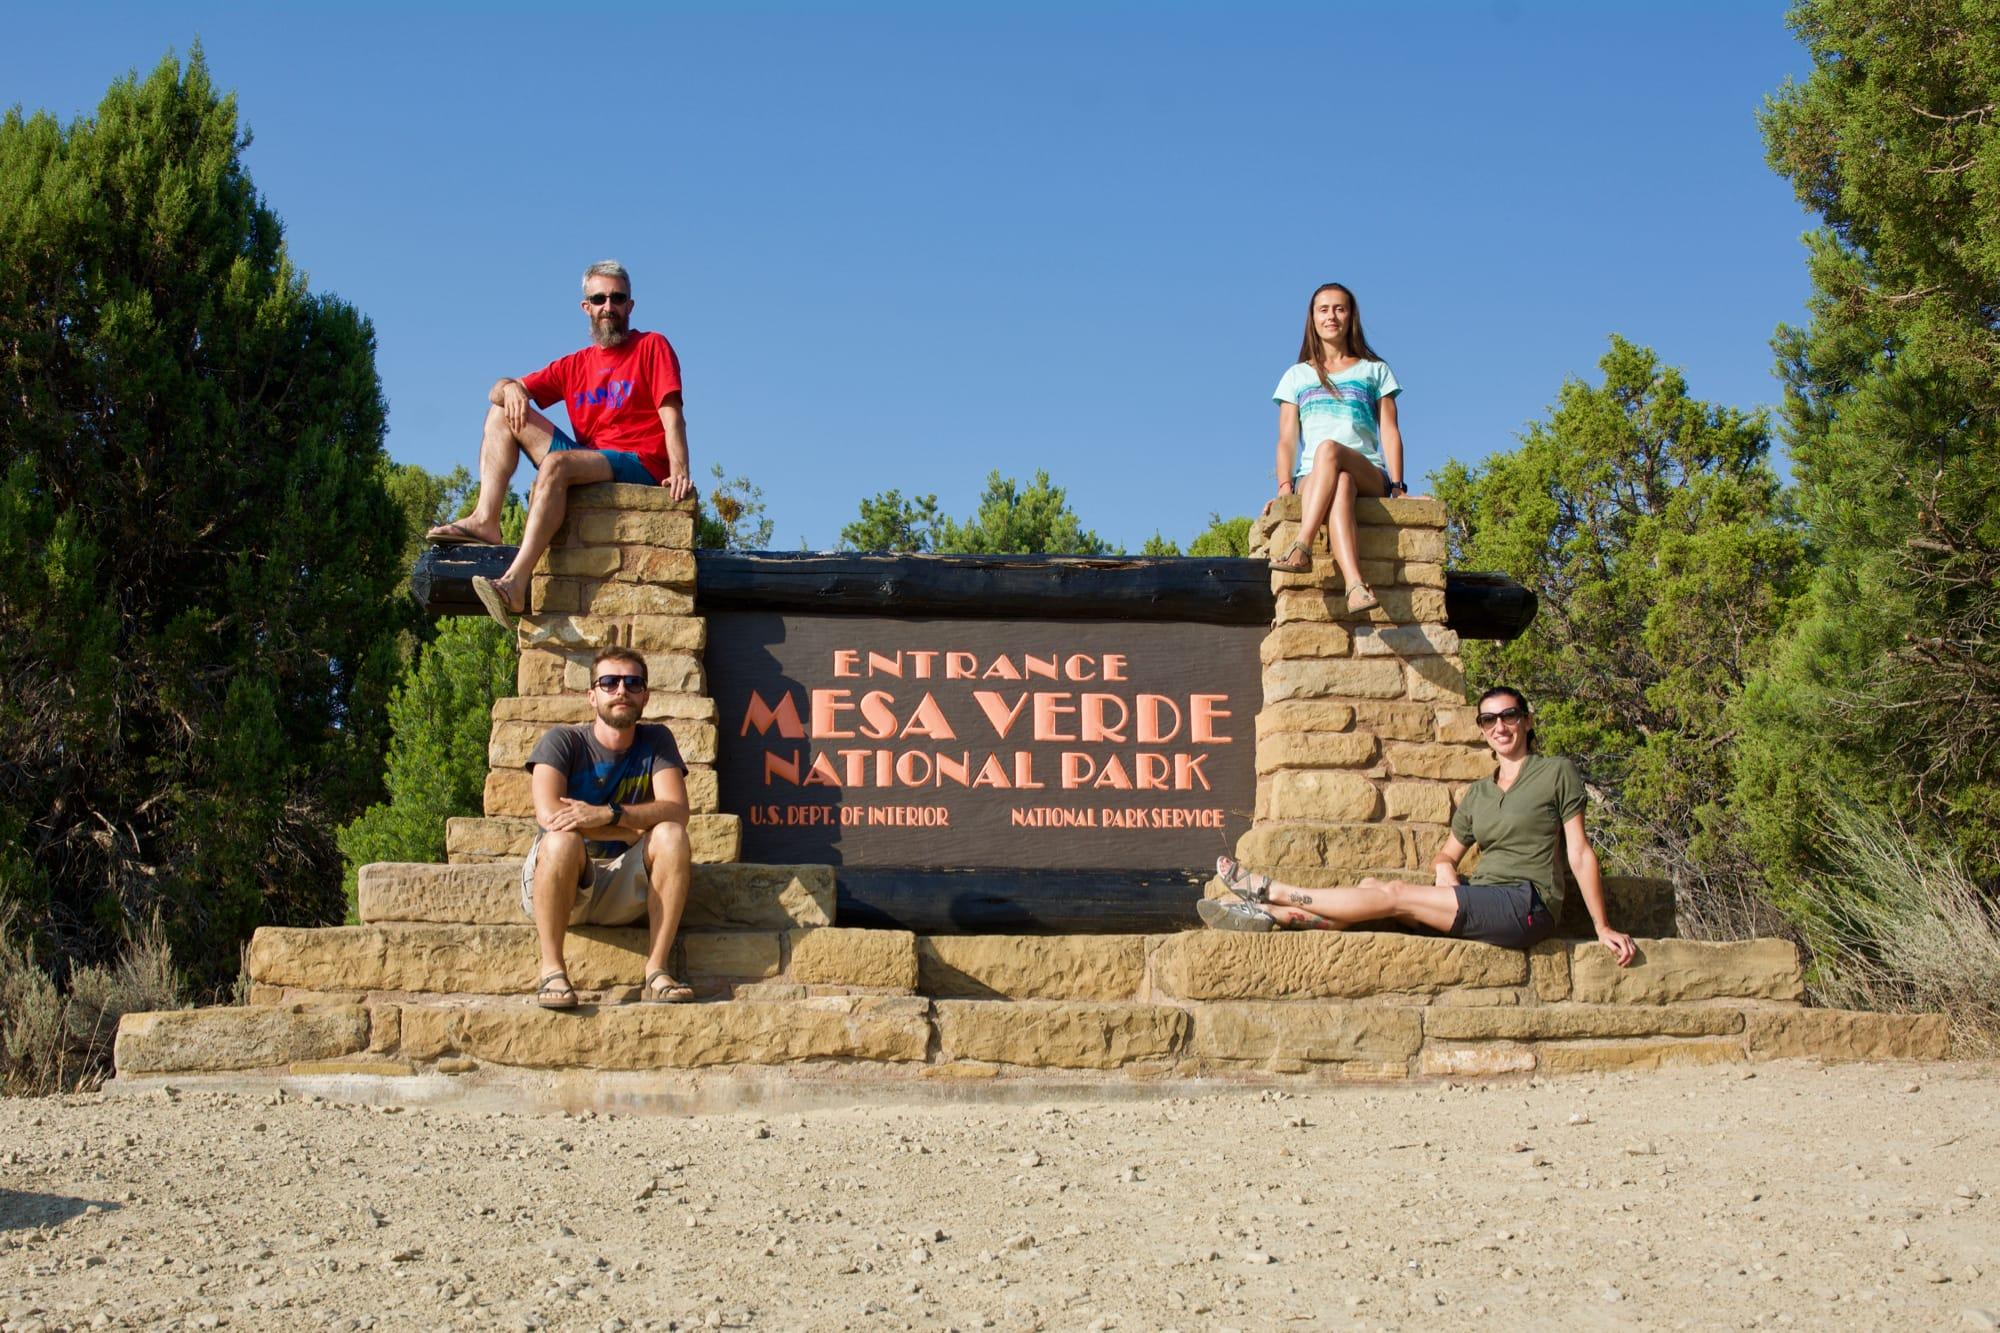 Ingresso Mesa Verde National Park